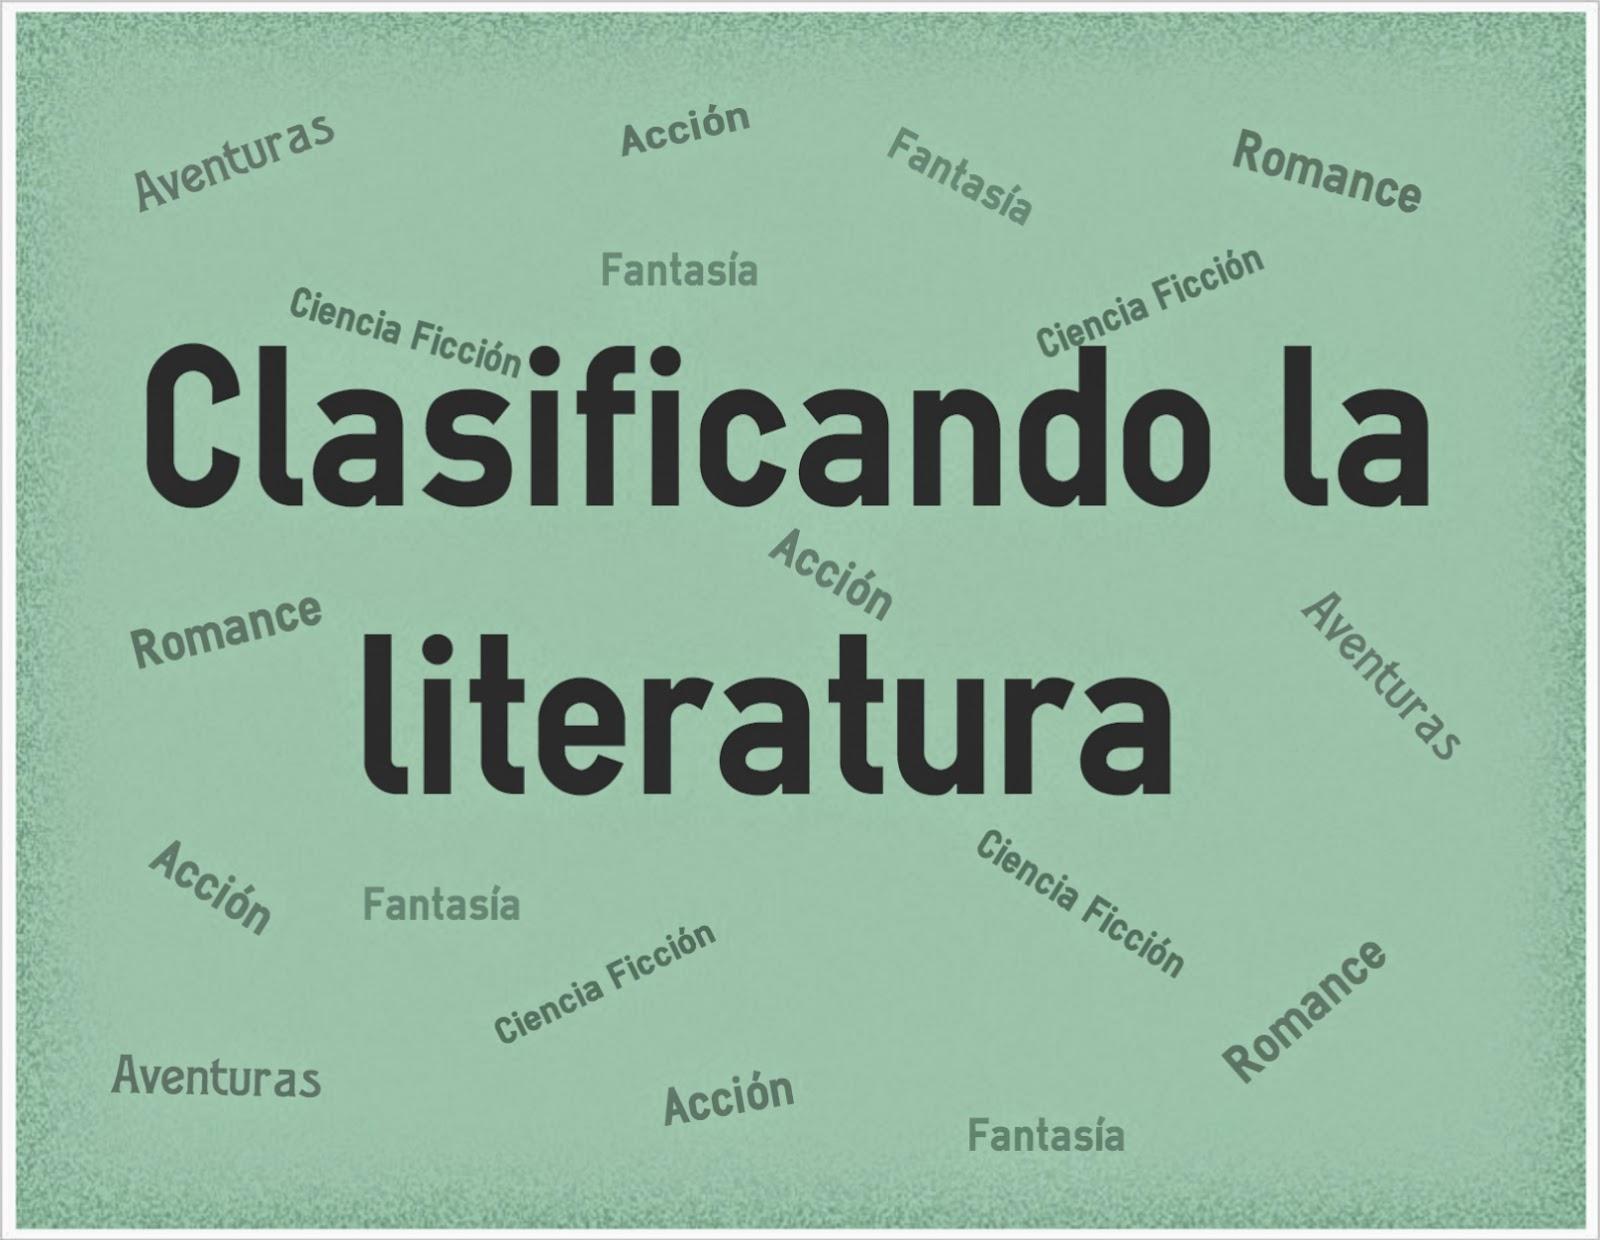 Viento en popa a toda letra clasificando la literatura - Libros para relajar la mente ...